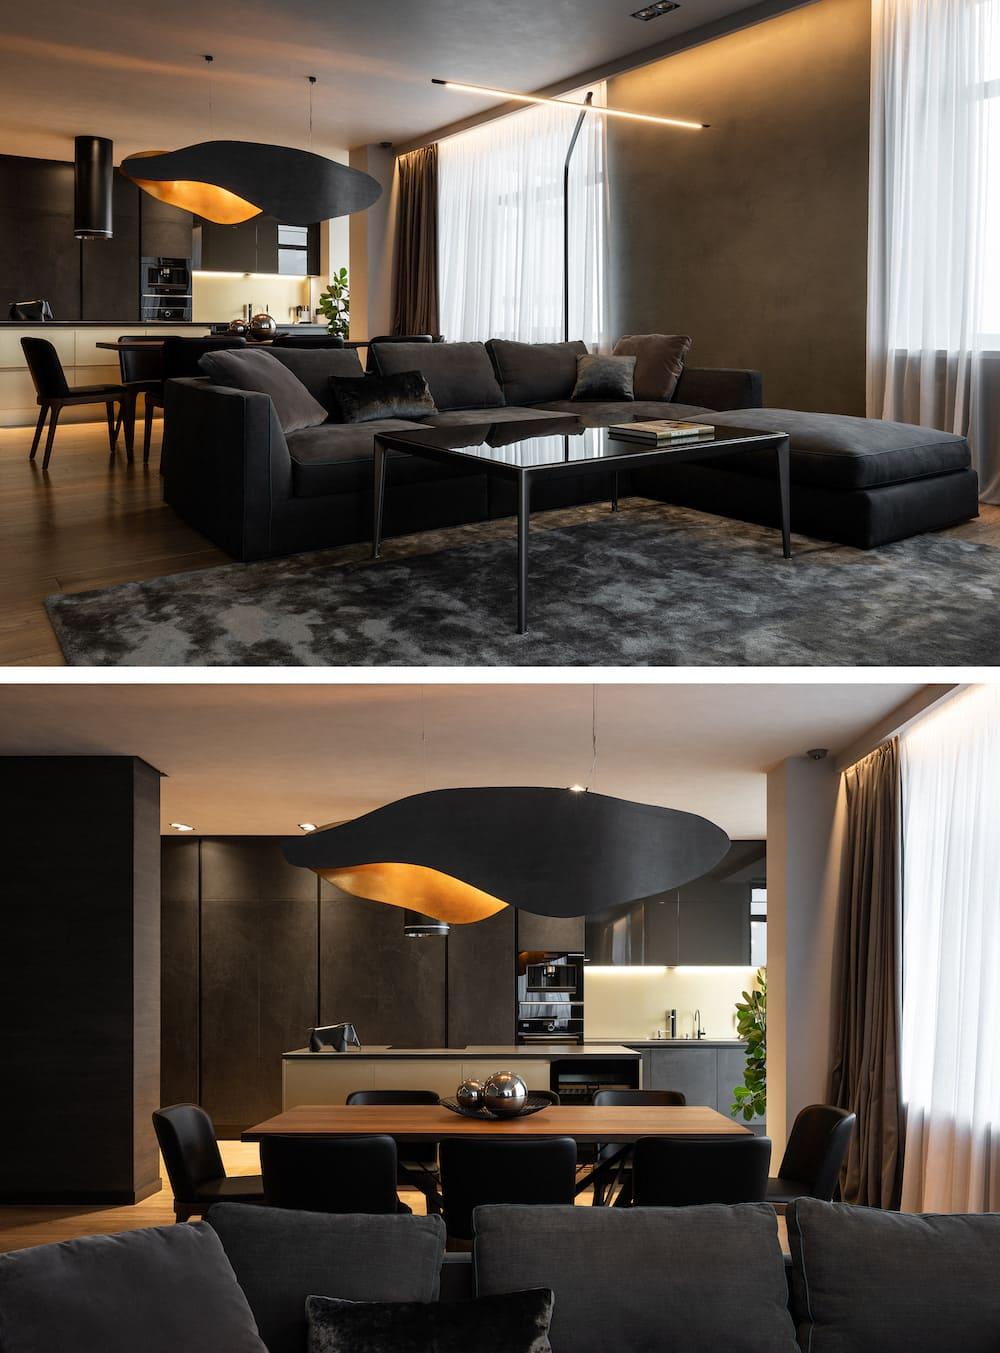 дизайн интерьера гостиной фото 34